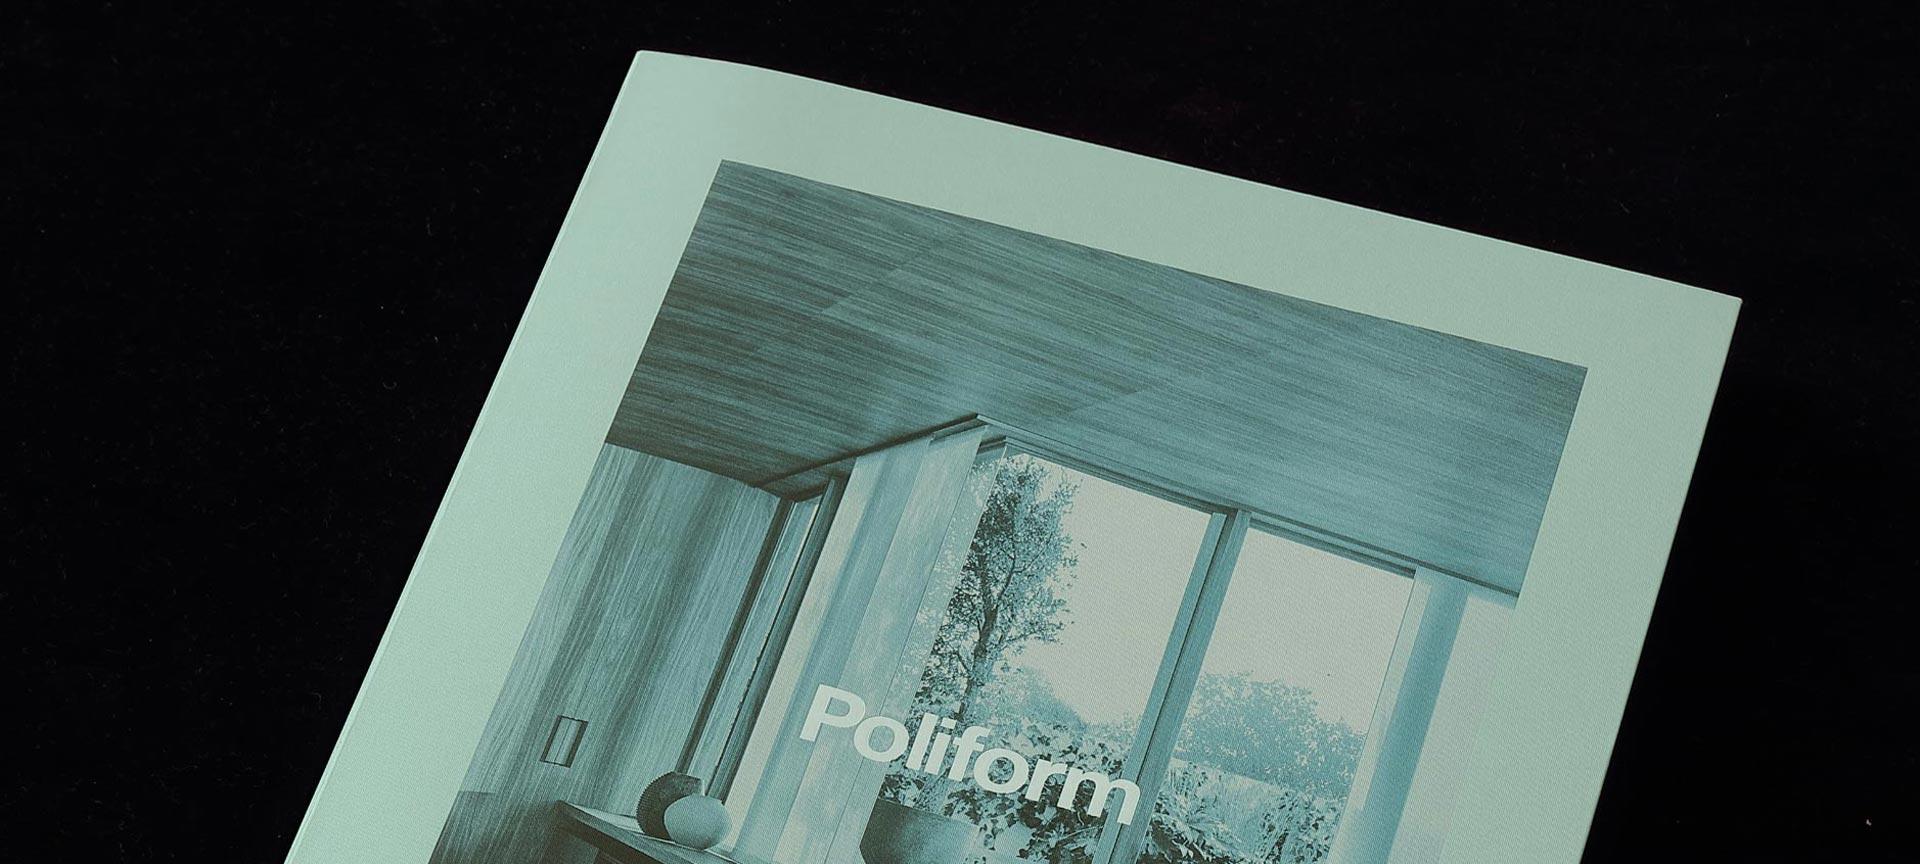 Poliform_NEWS_092021_STYLEBOOK_1920x864px_cover